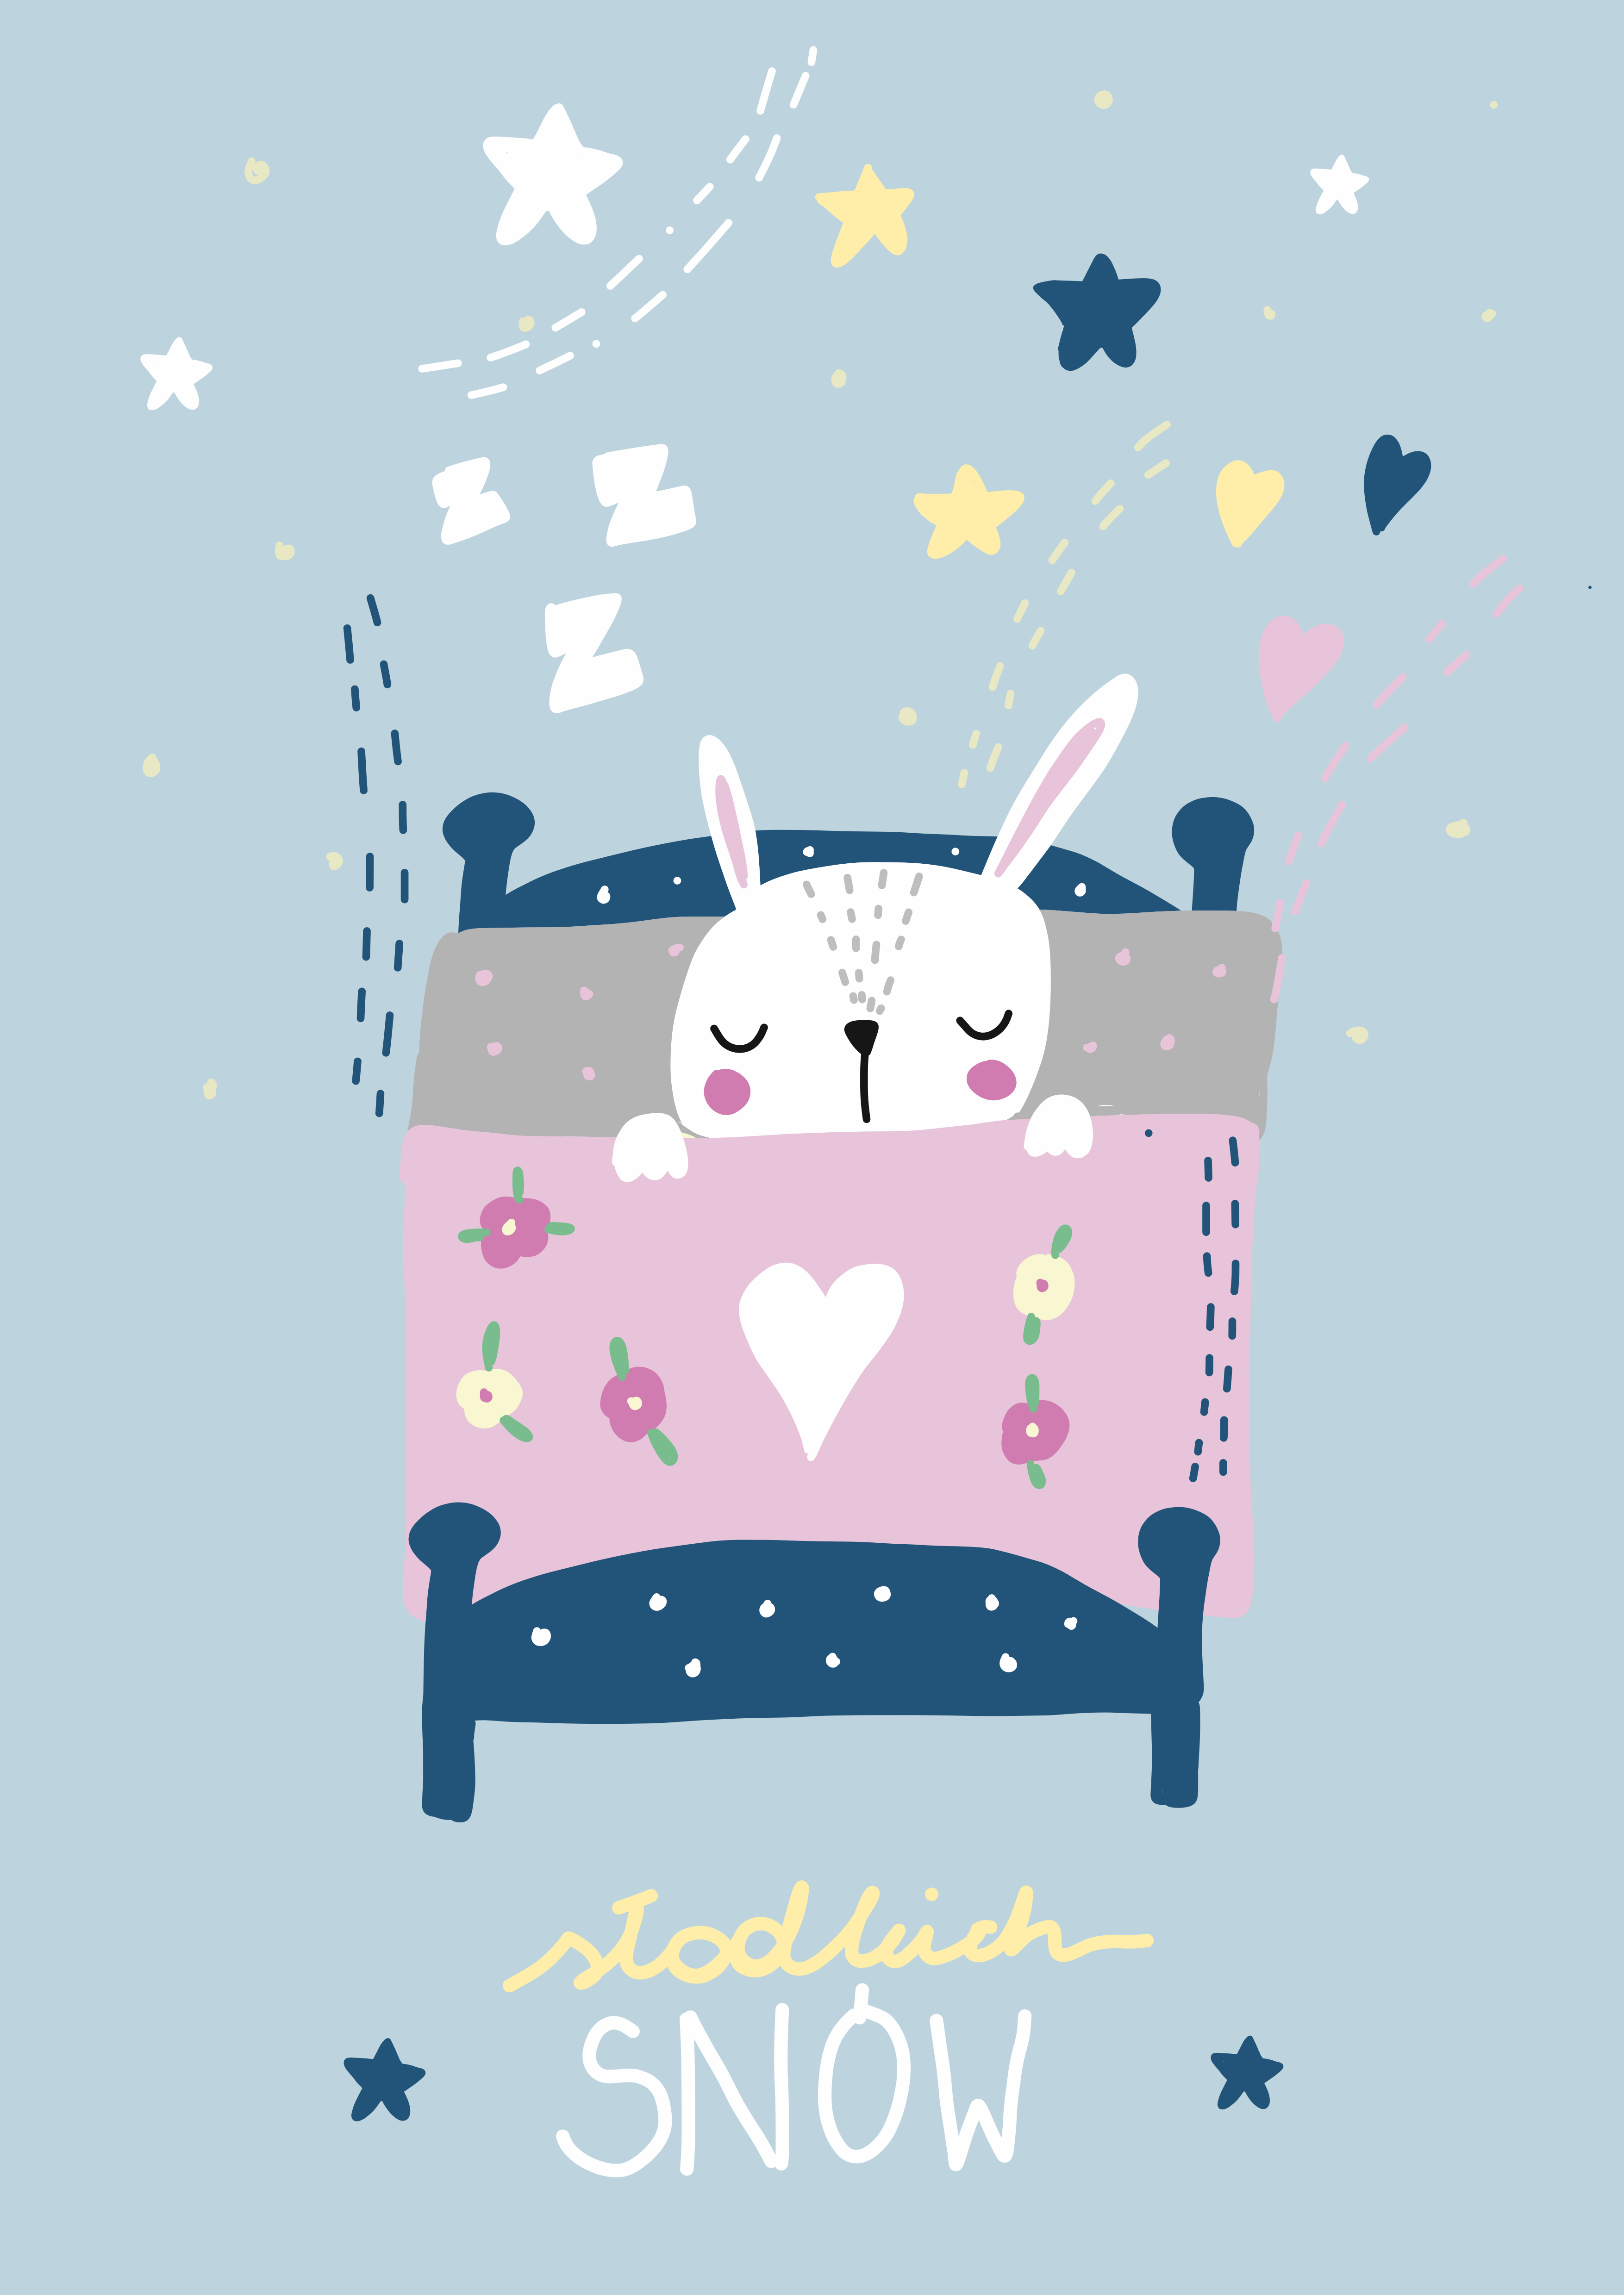 królik - słodkich snów